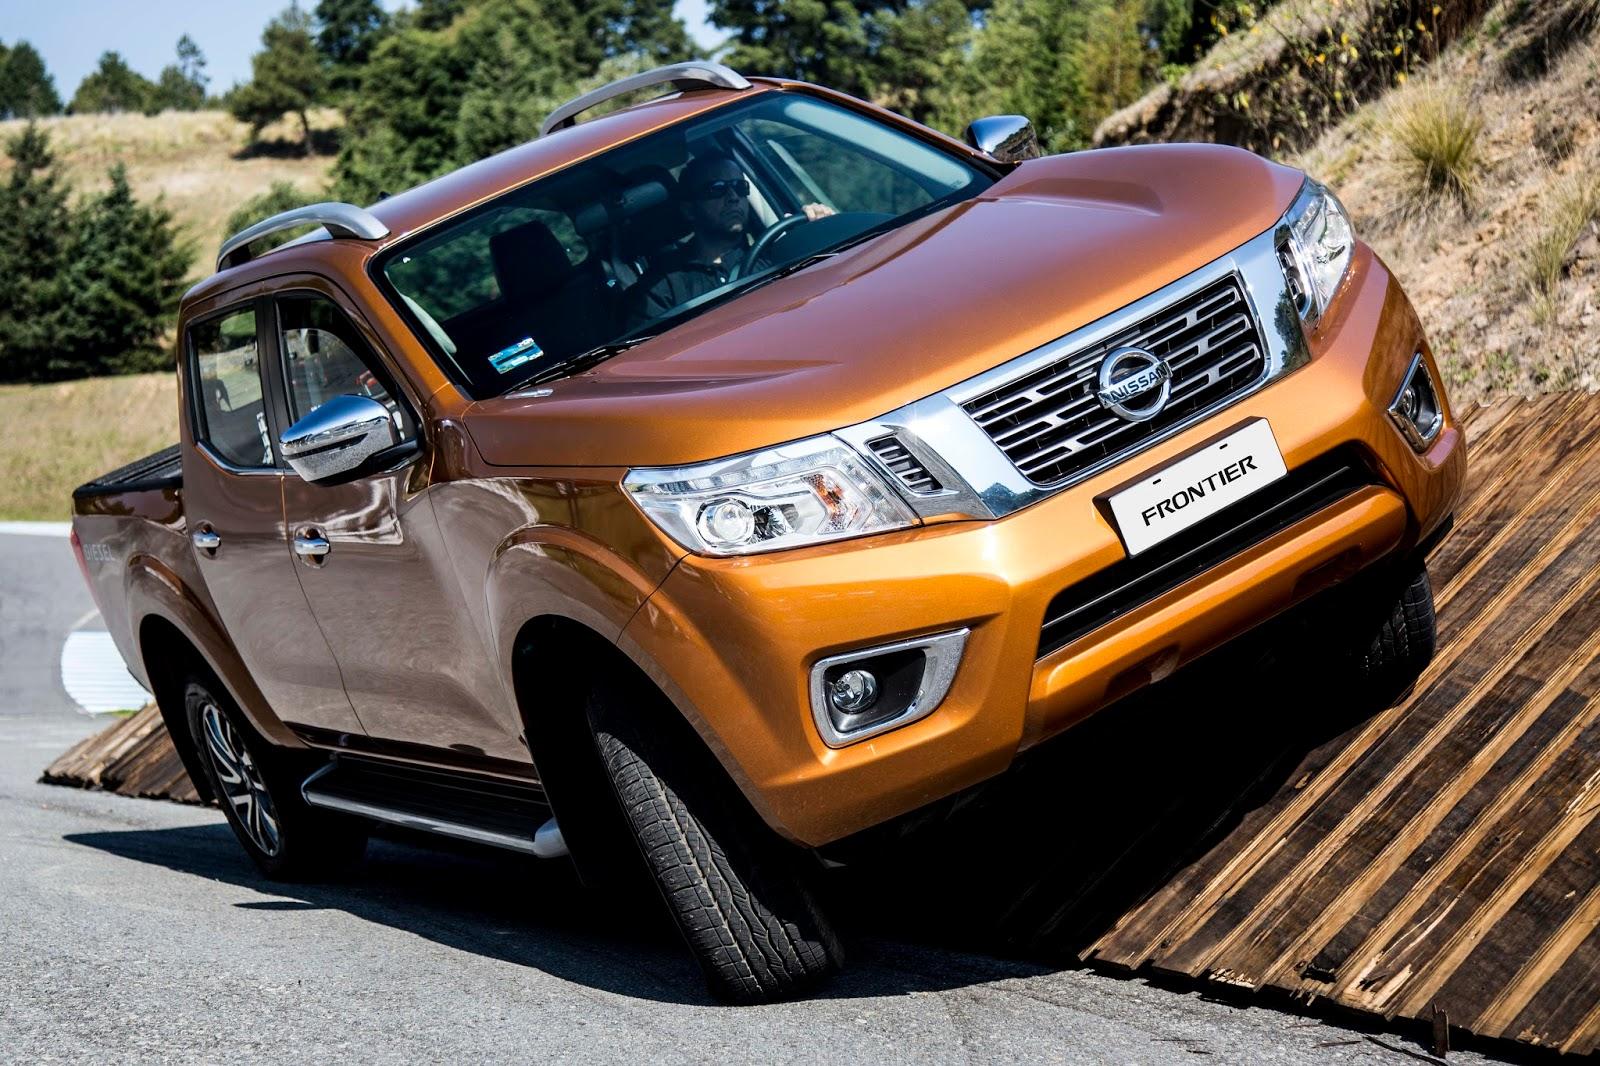 Nissan Frontier chega renovada, elevando nível de força e conforto entre picapes